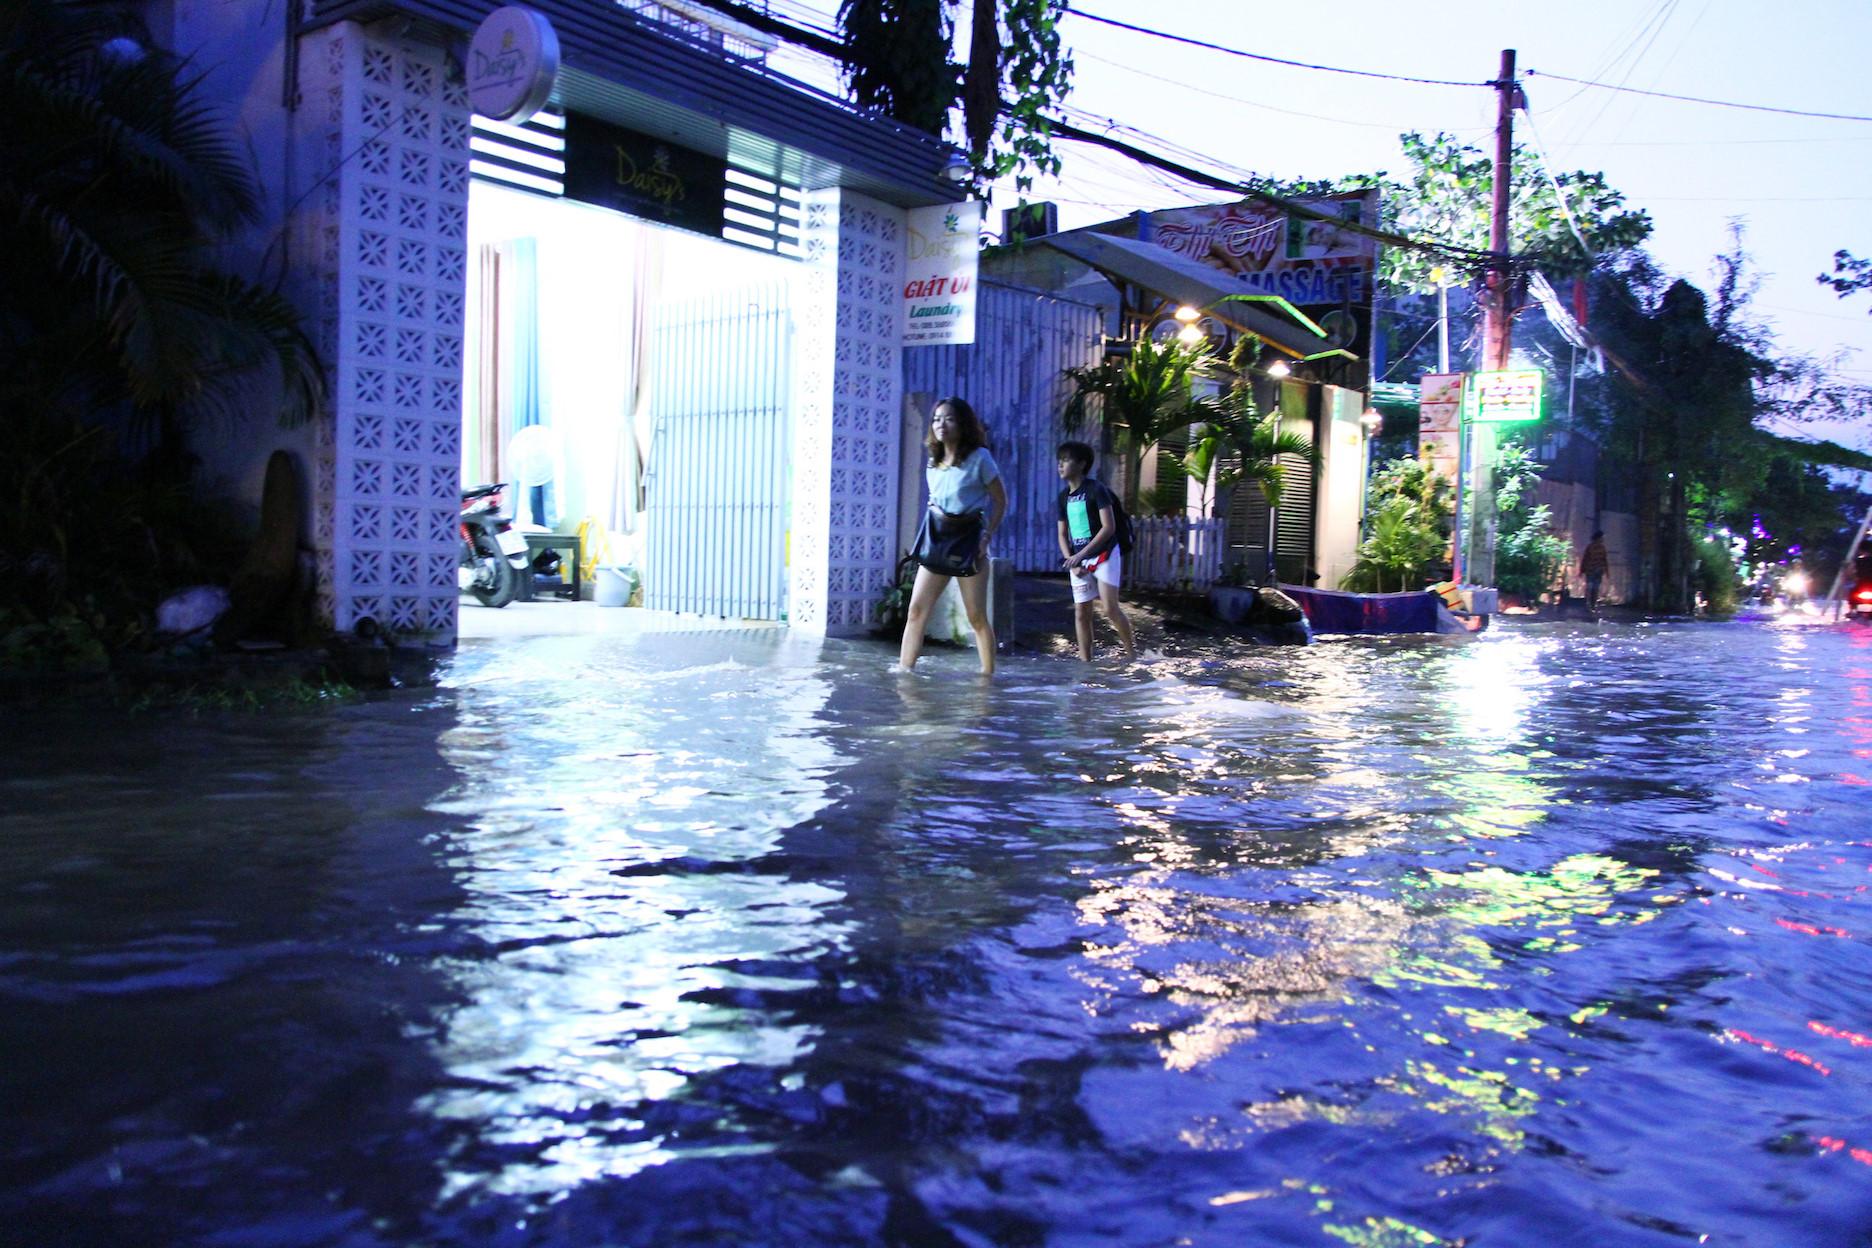 'Phố nhà giàu' Thảo Điền không mưa cũng ngập, người người lội nước bì bõm Ảnh 7